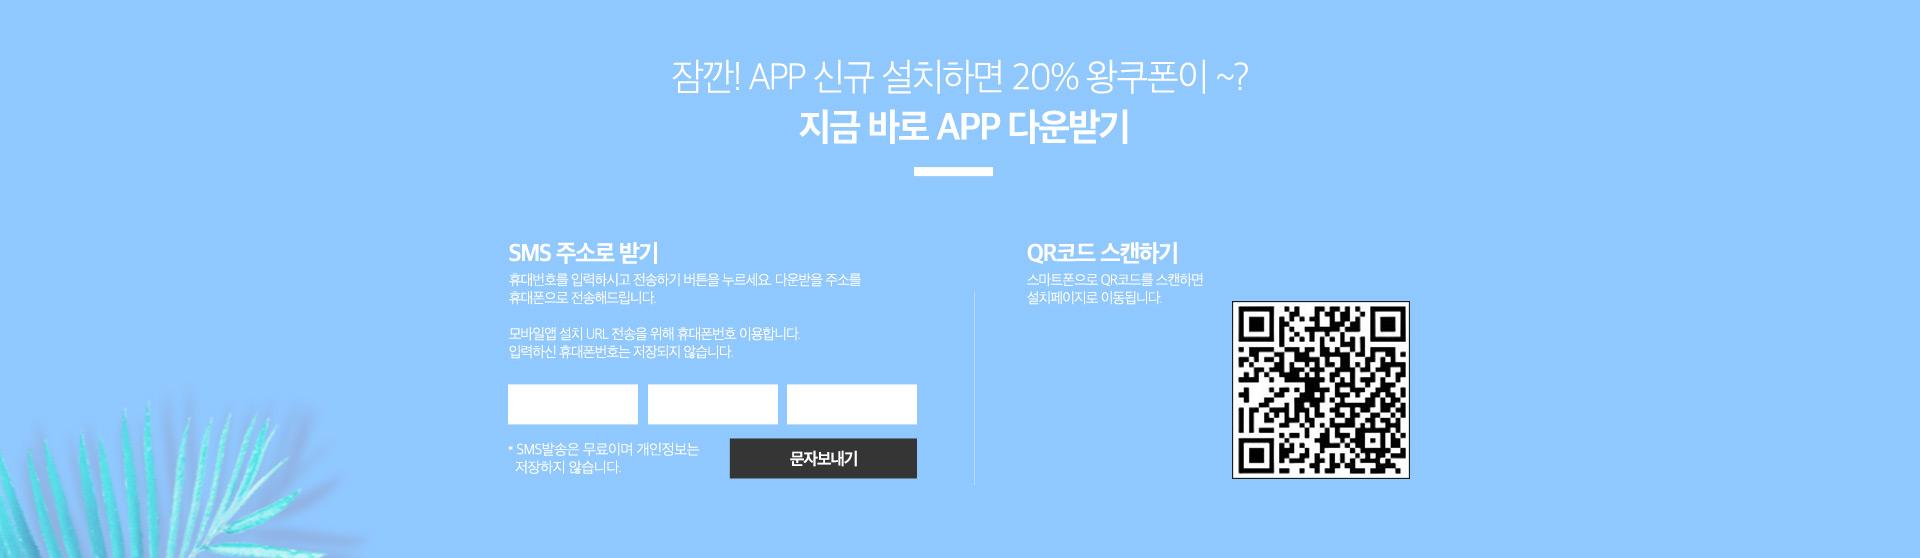 앱 다운로드 SMS 주소로 받기